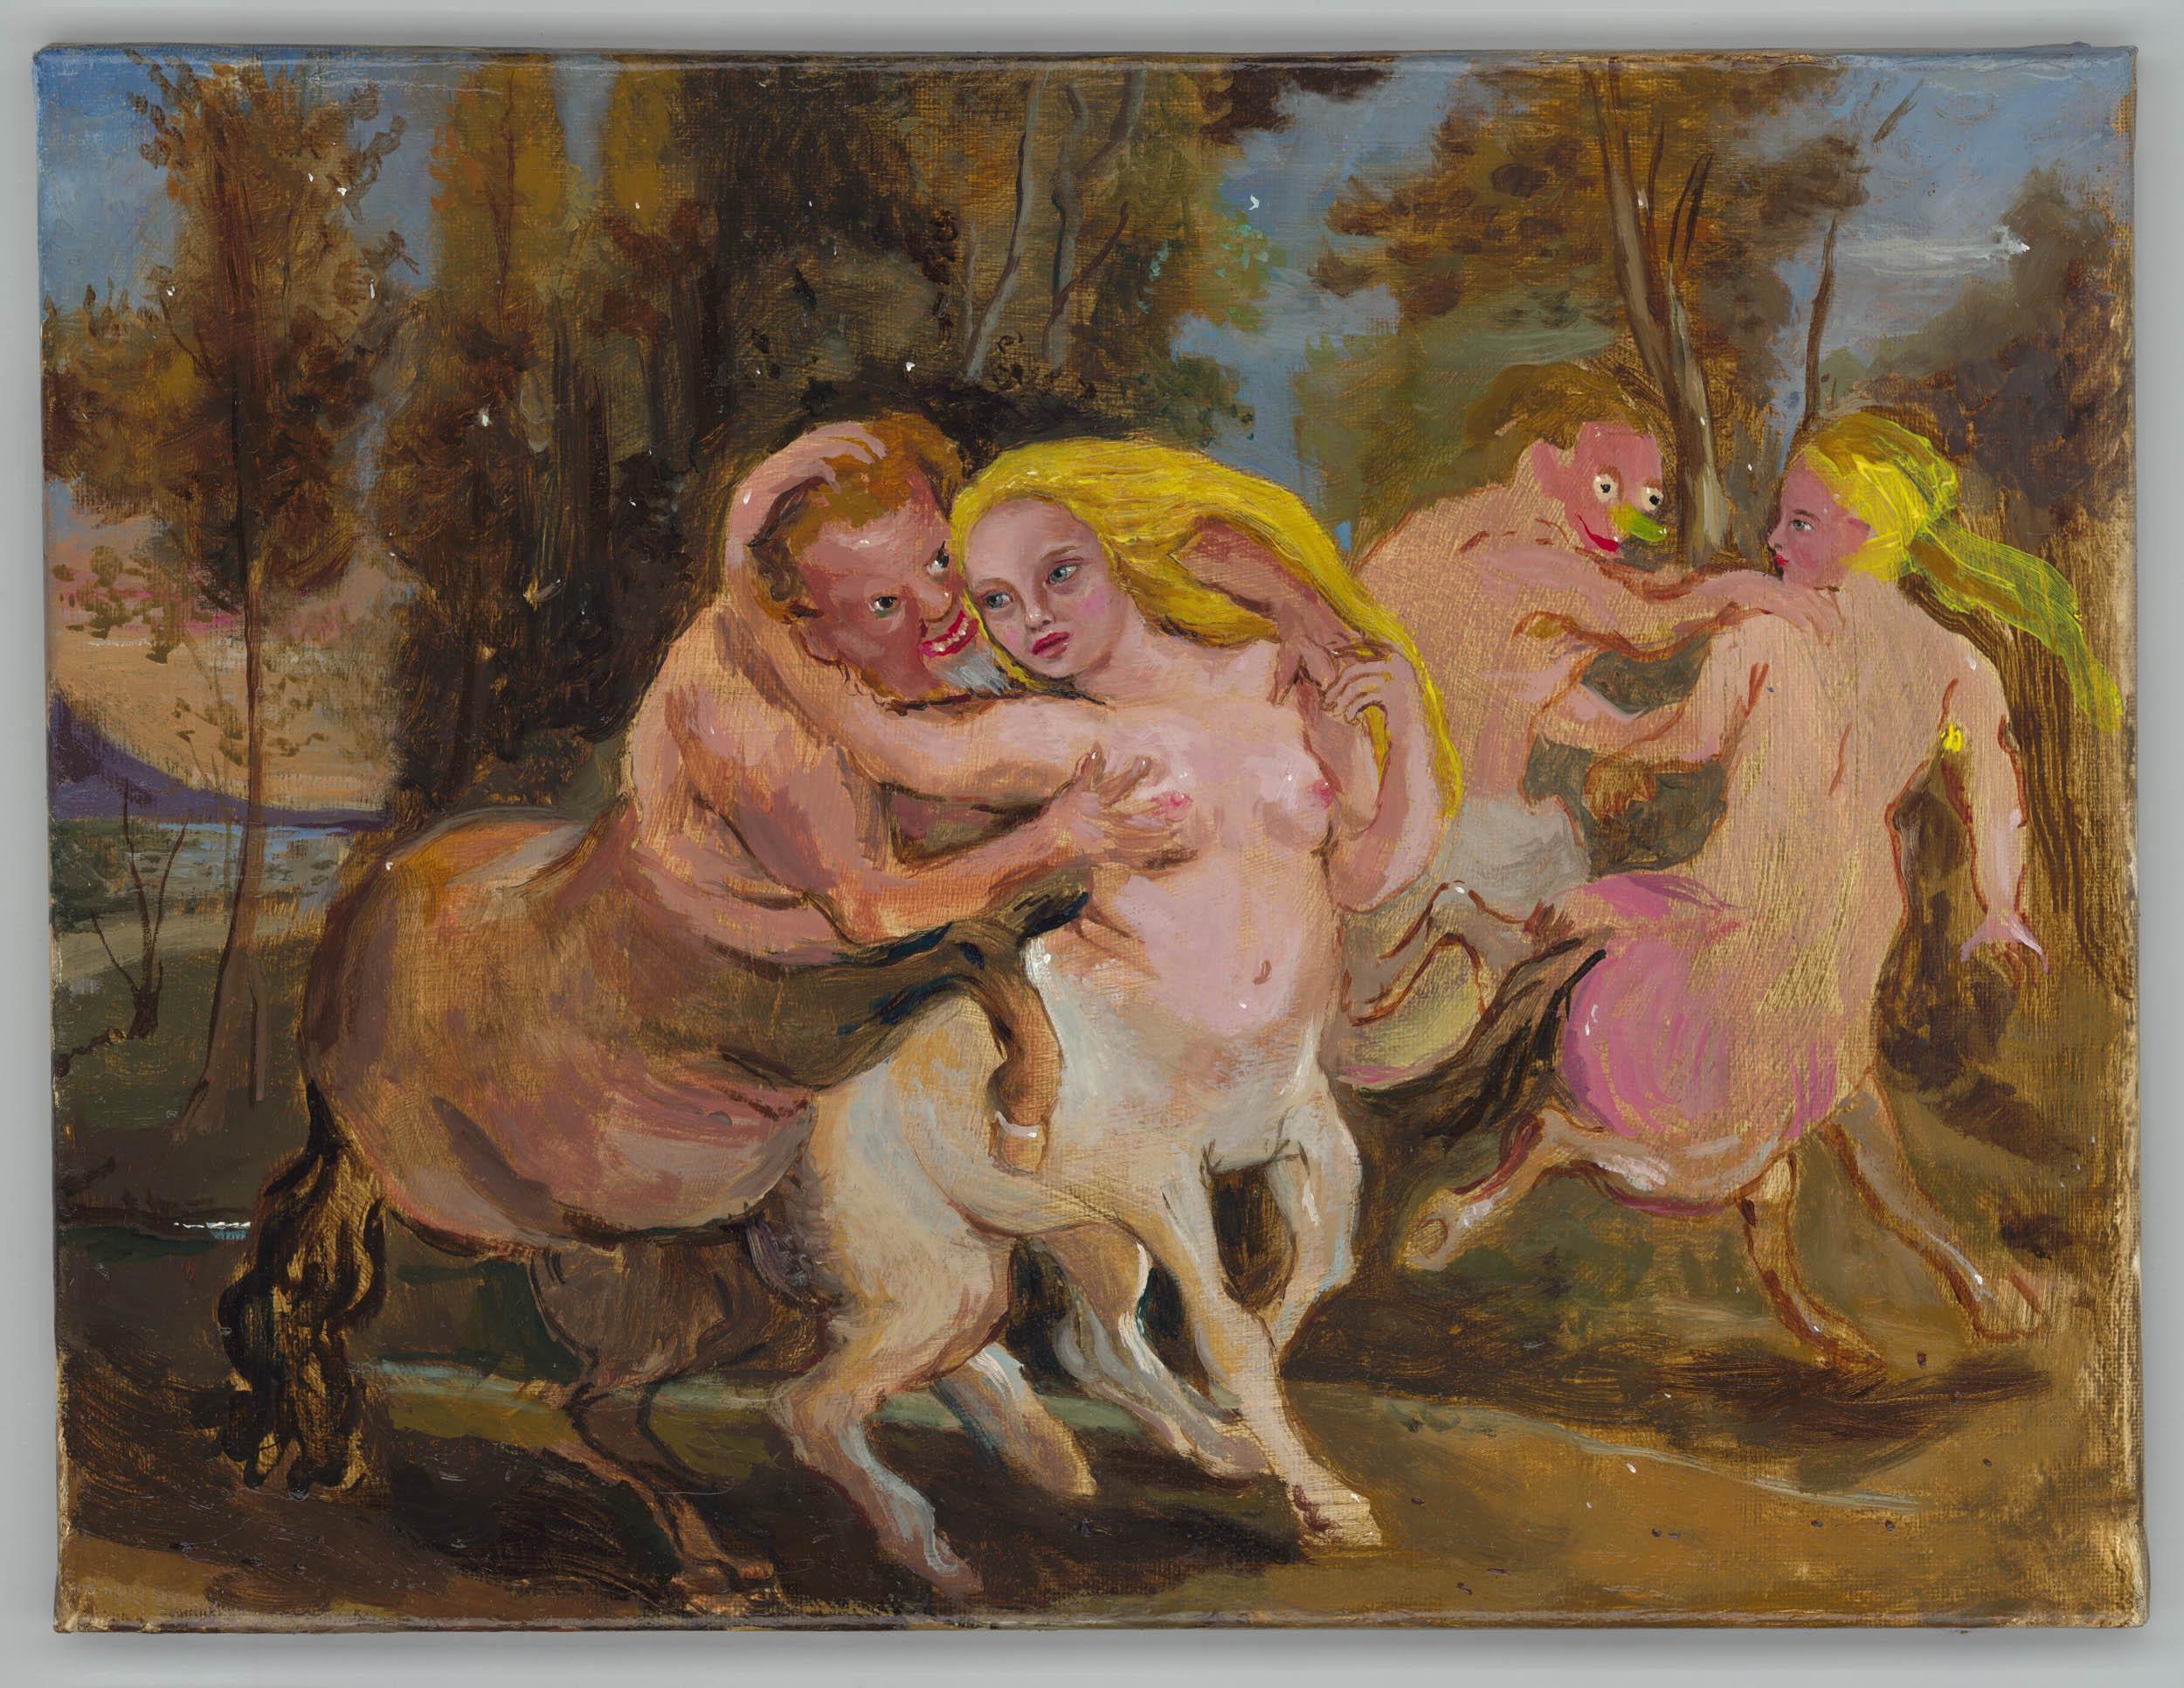 sartore adria - Nach Rubens mit blonden Haaren und grüner Nase (Die Liebe des Zentaurus, 1635) / After Rubens with blonde hair and green nose (The loves of the Centaurus, 1635)